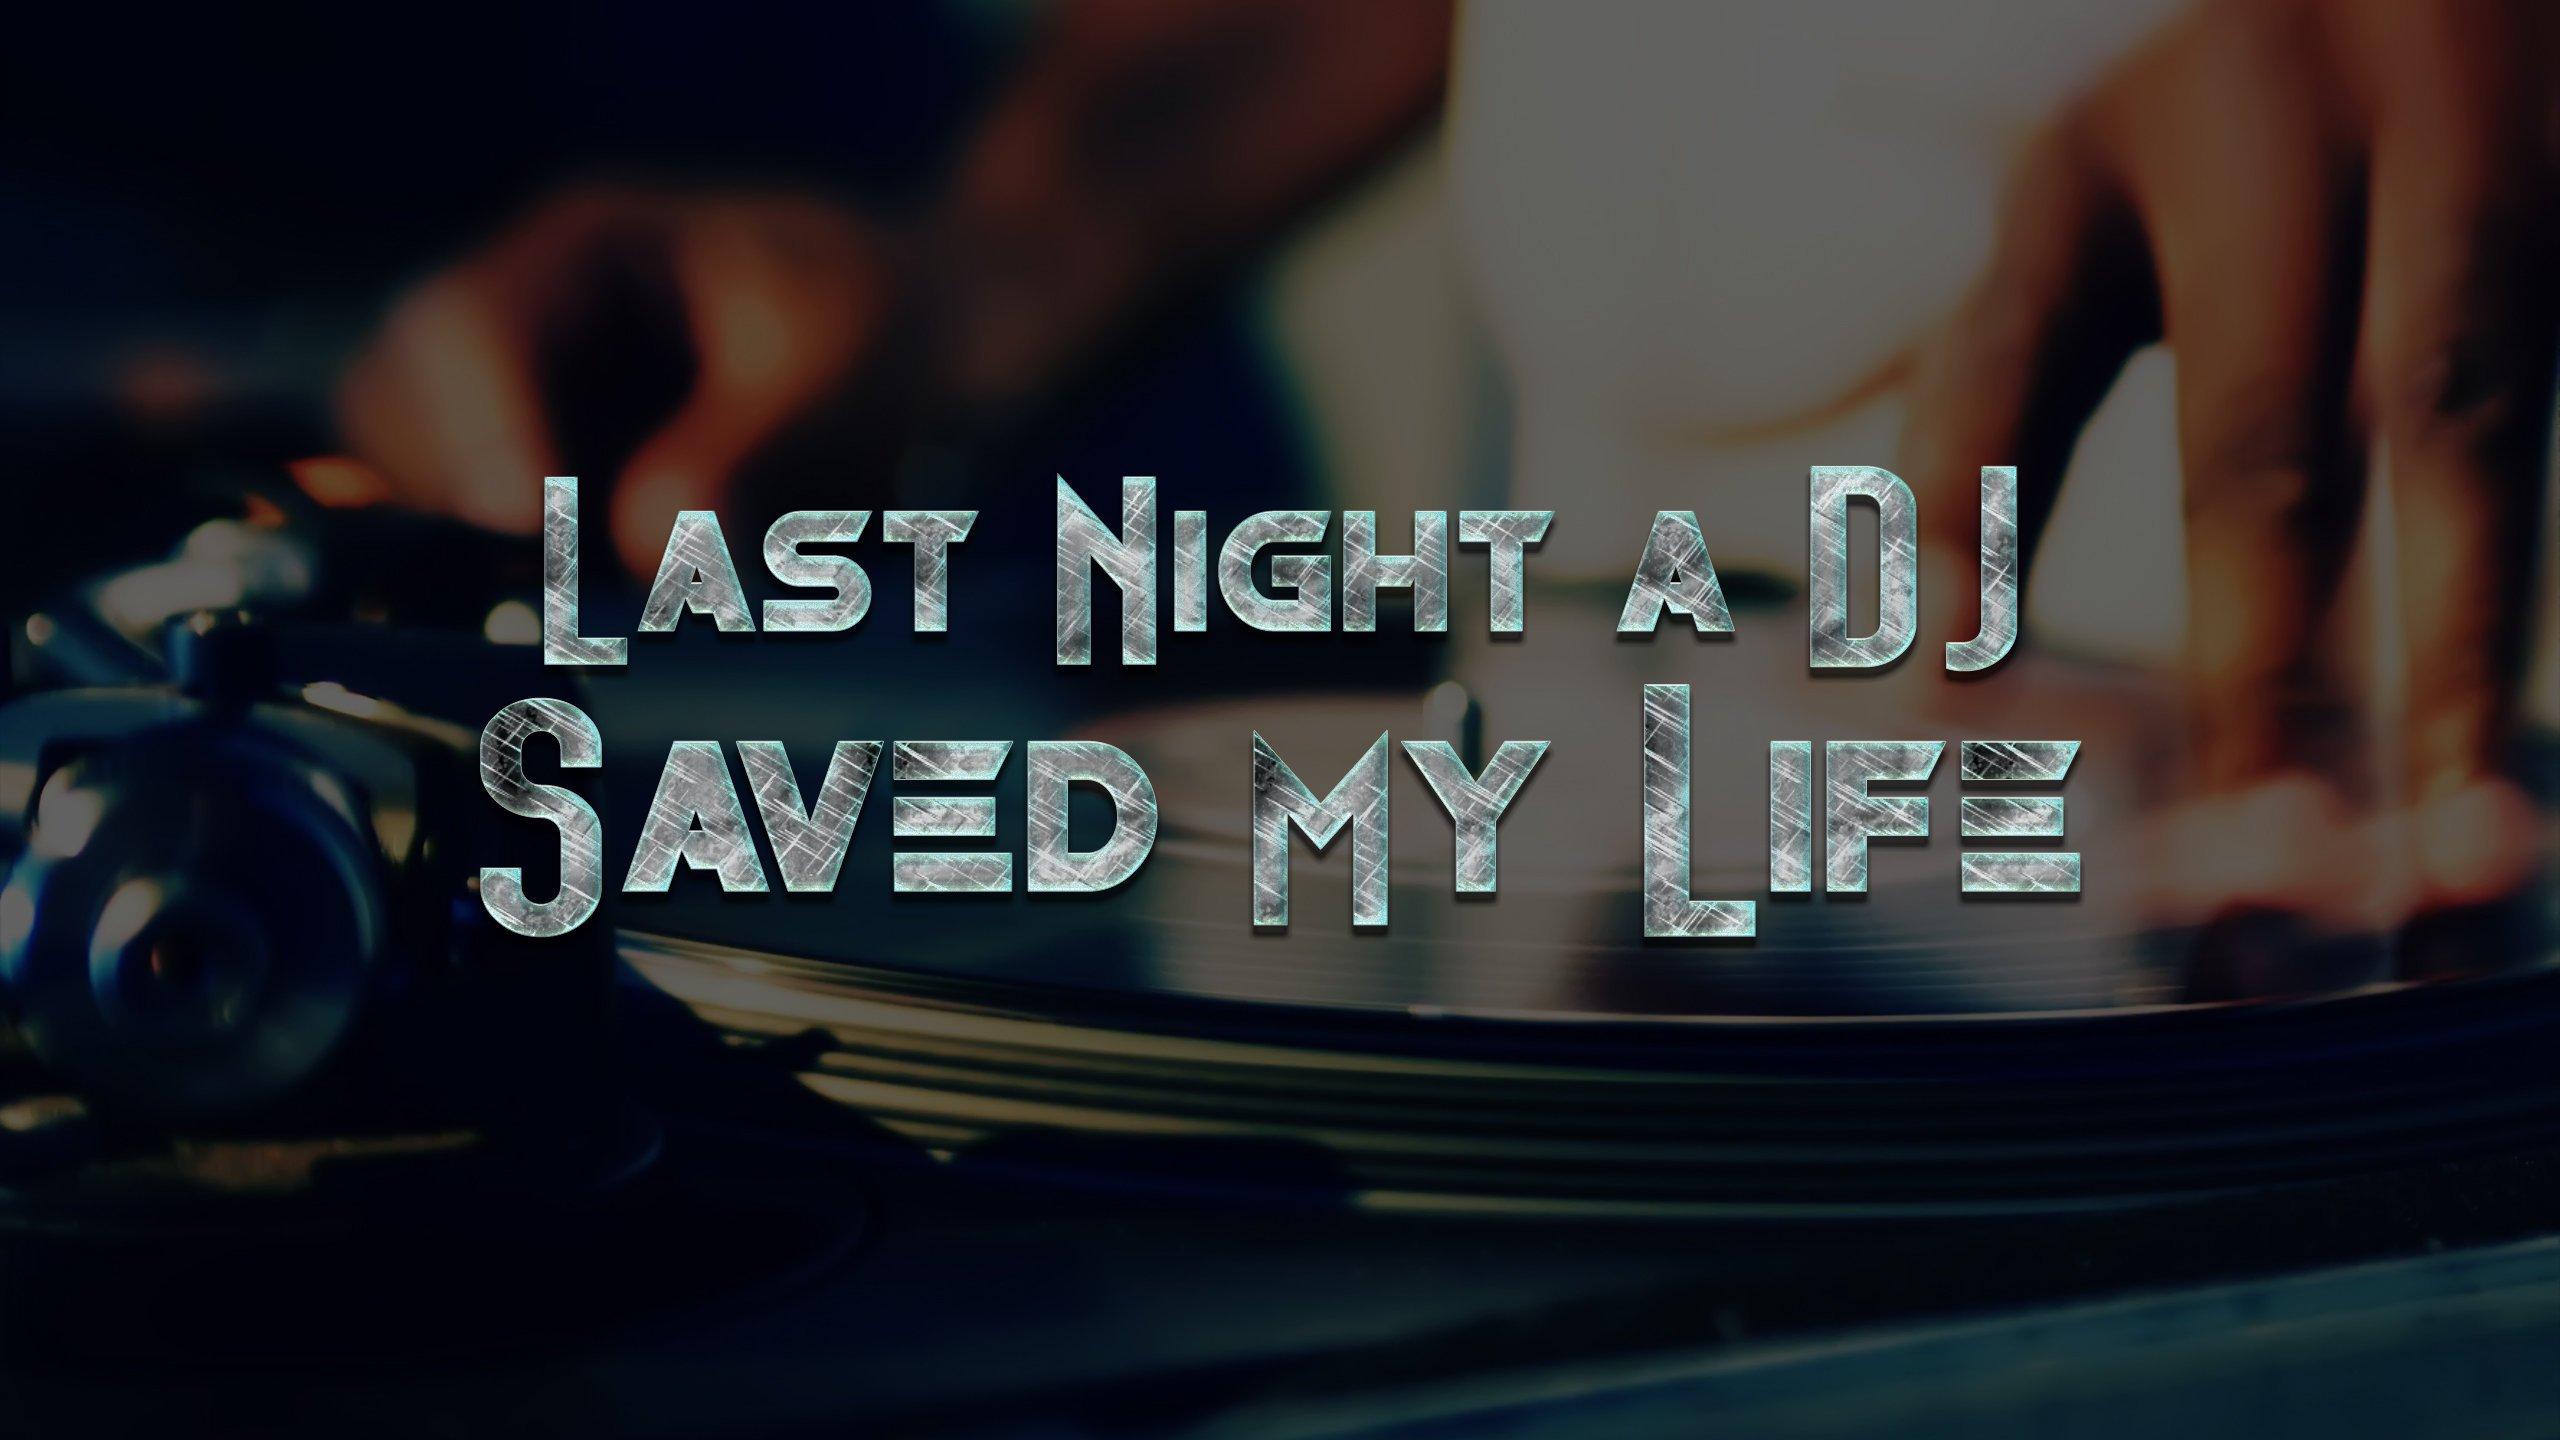 Last Night a DJ Saved My Life Wallpaper   FunDJStuffcom 2560x1440